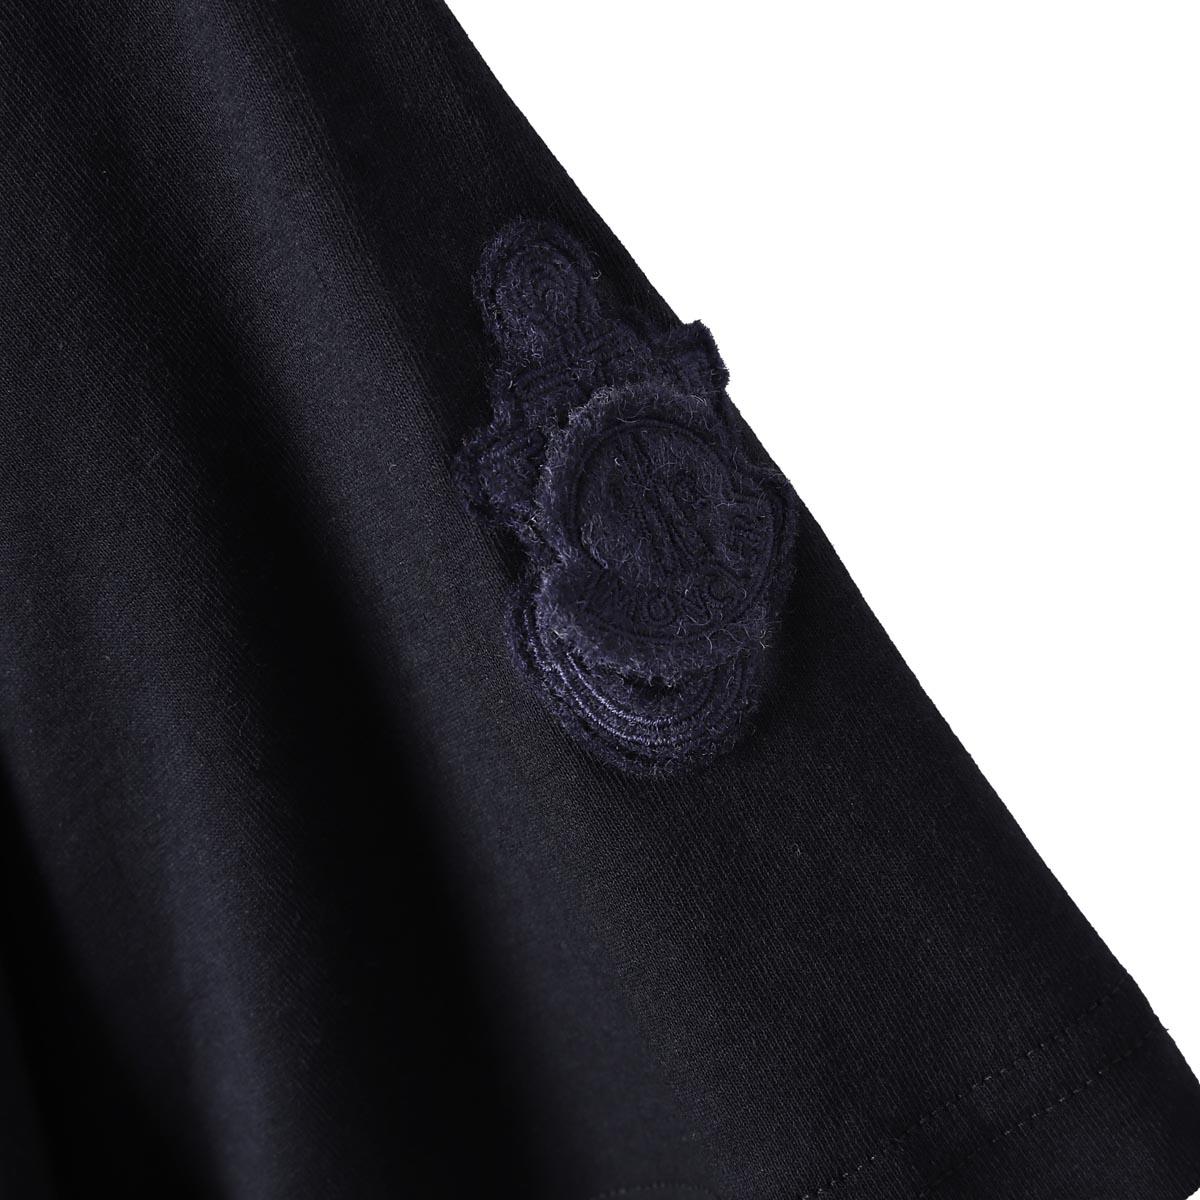 【タイムセール TOPS】クルーネックTシャツ/MONCLER GENIUS 1 JW ANDERSON モンクレール ジーニアス